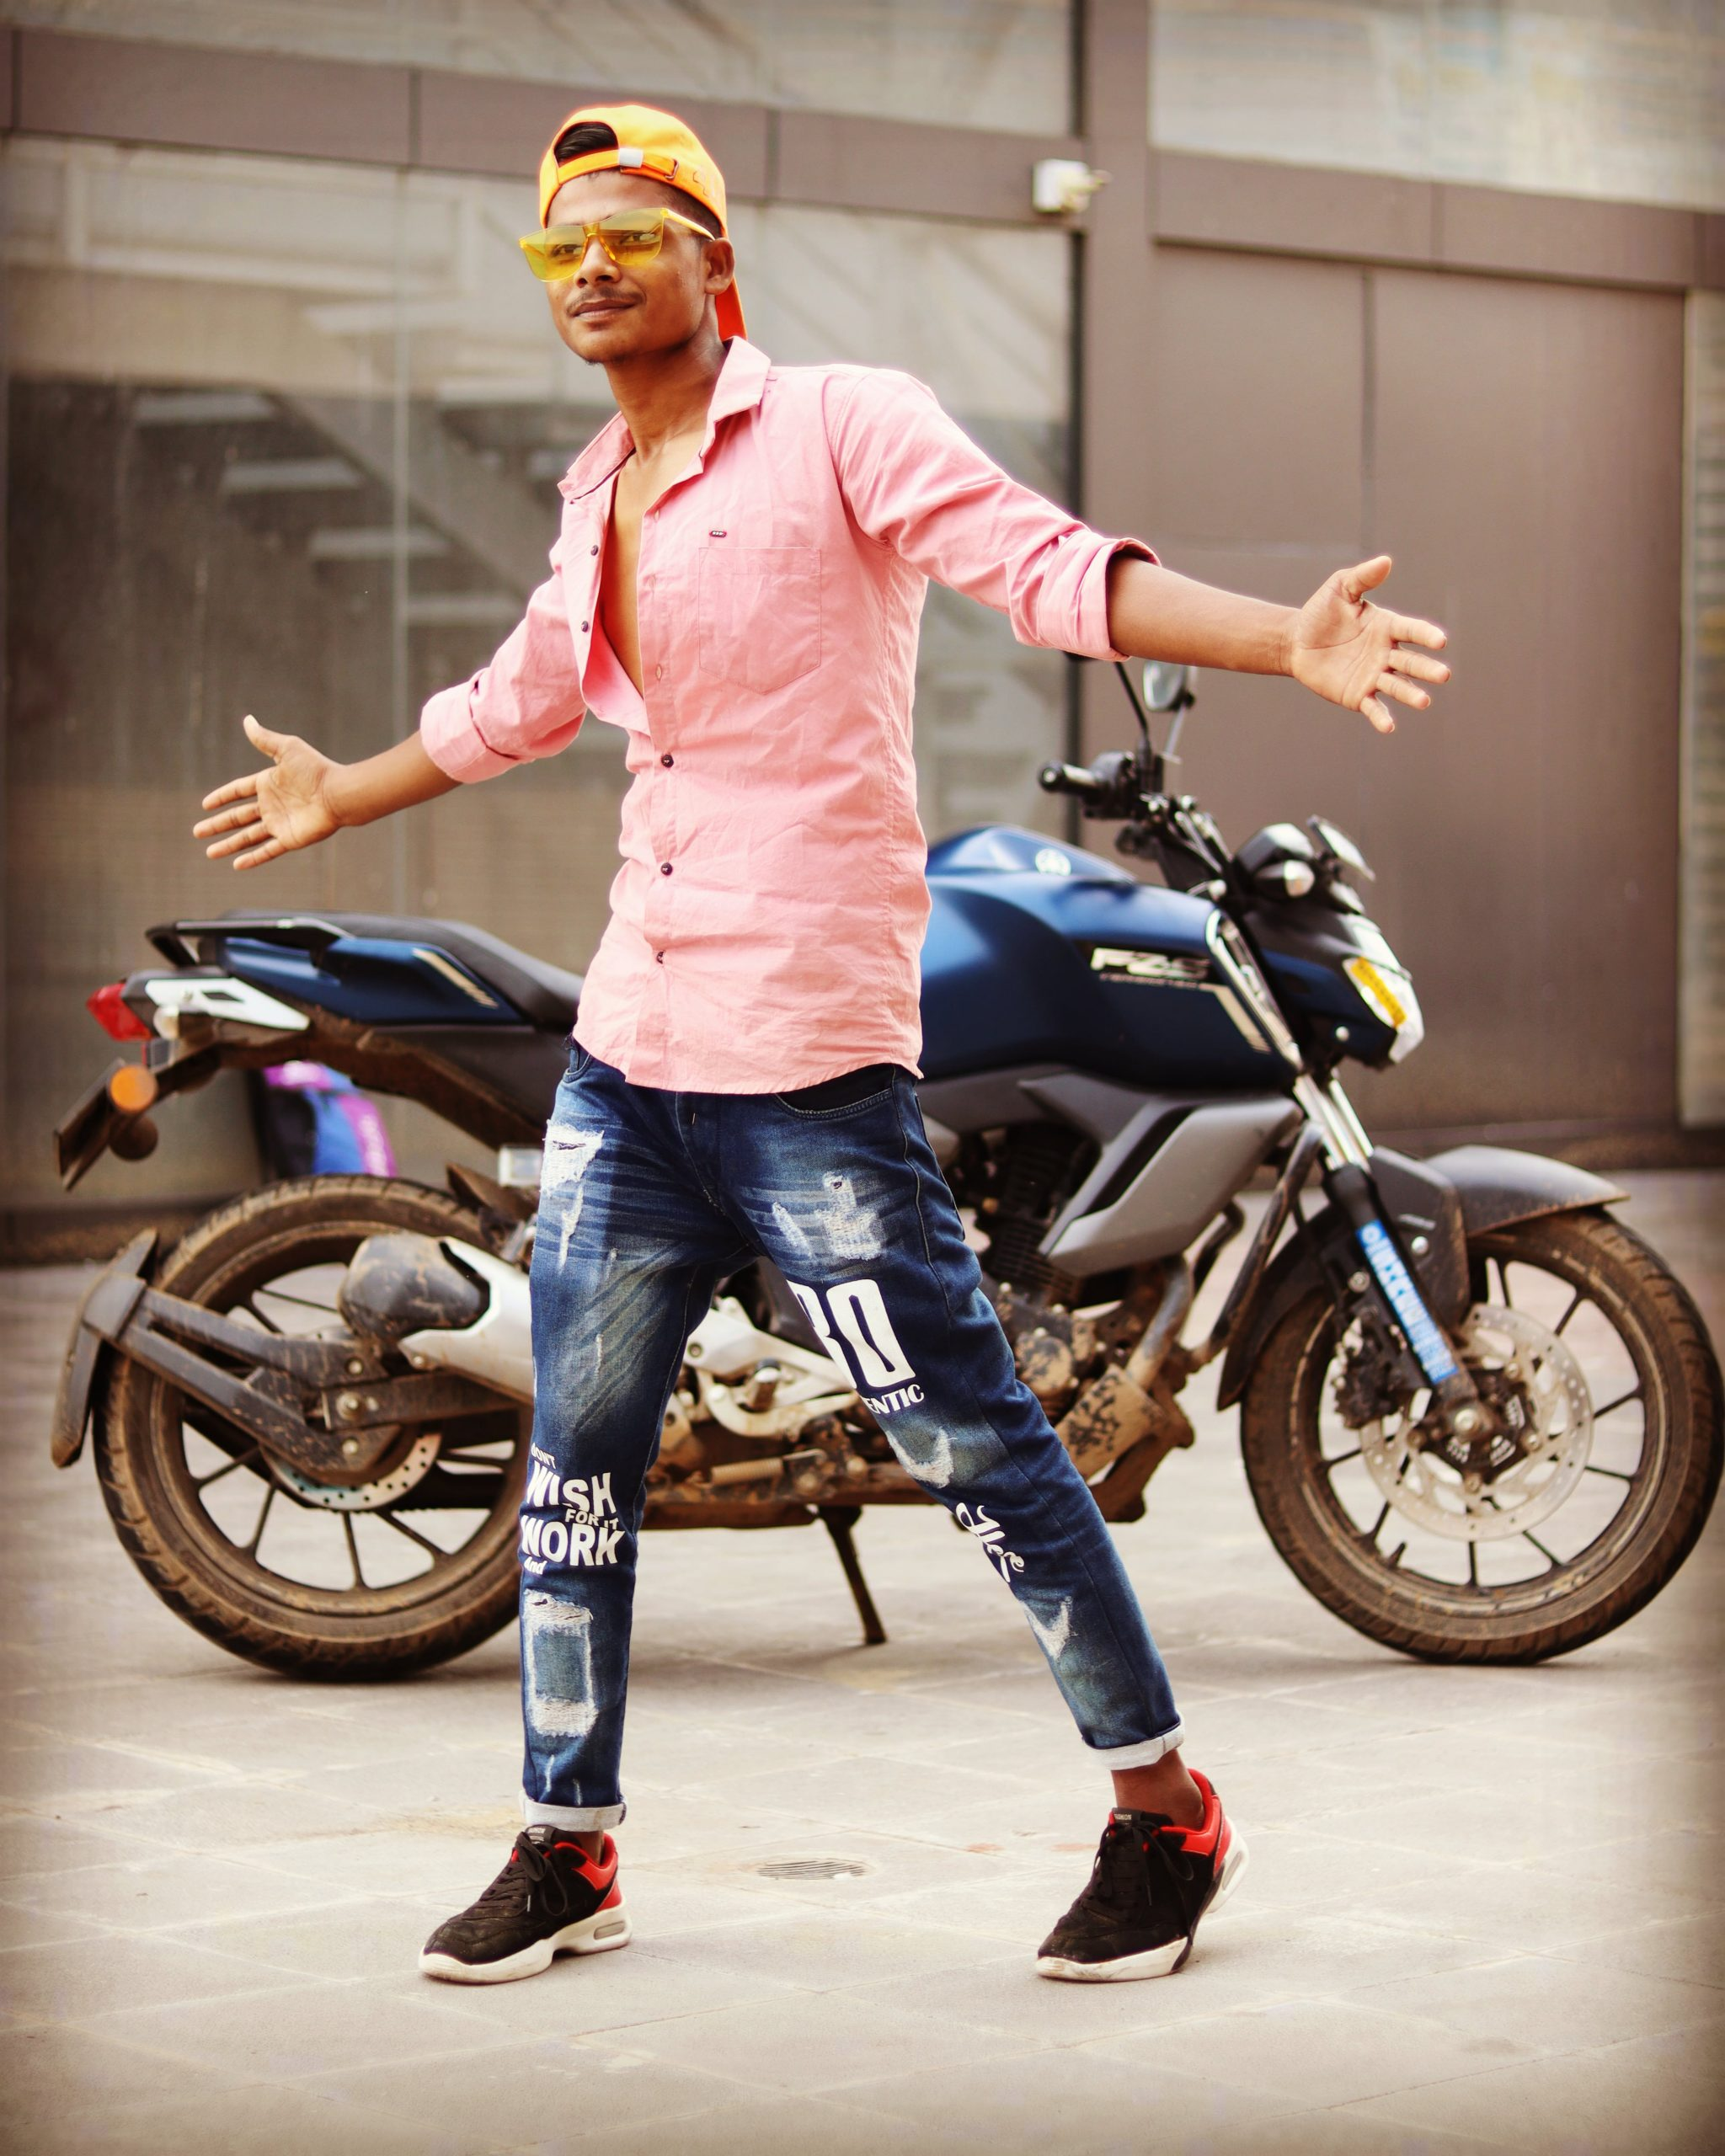 Boy posing in front of bike